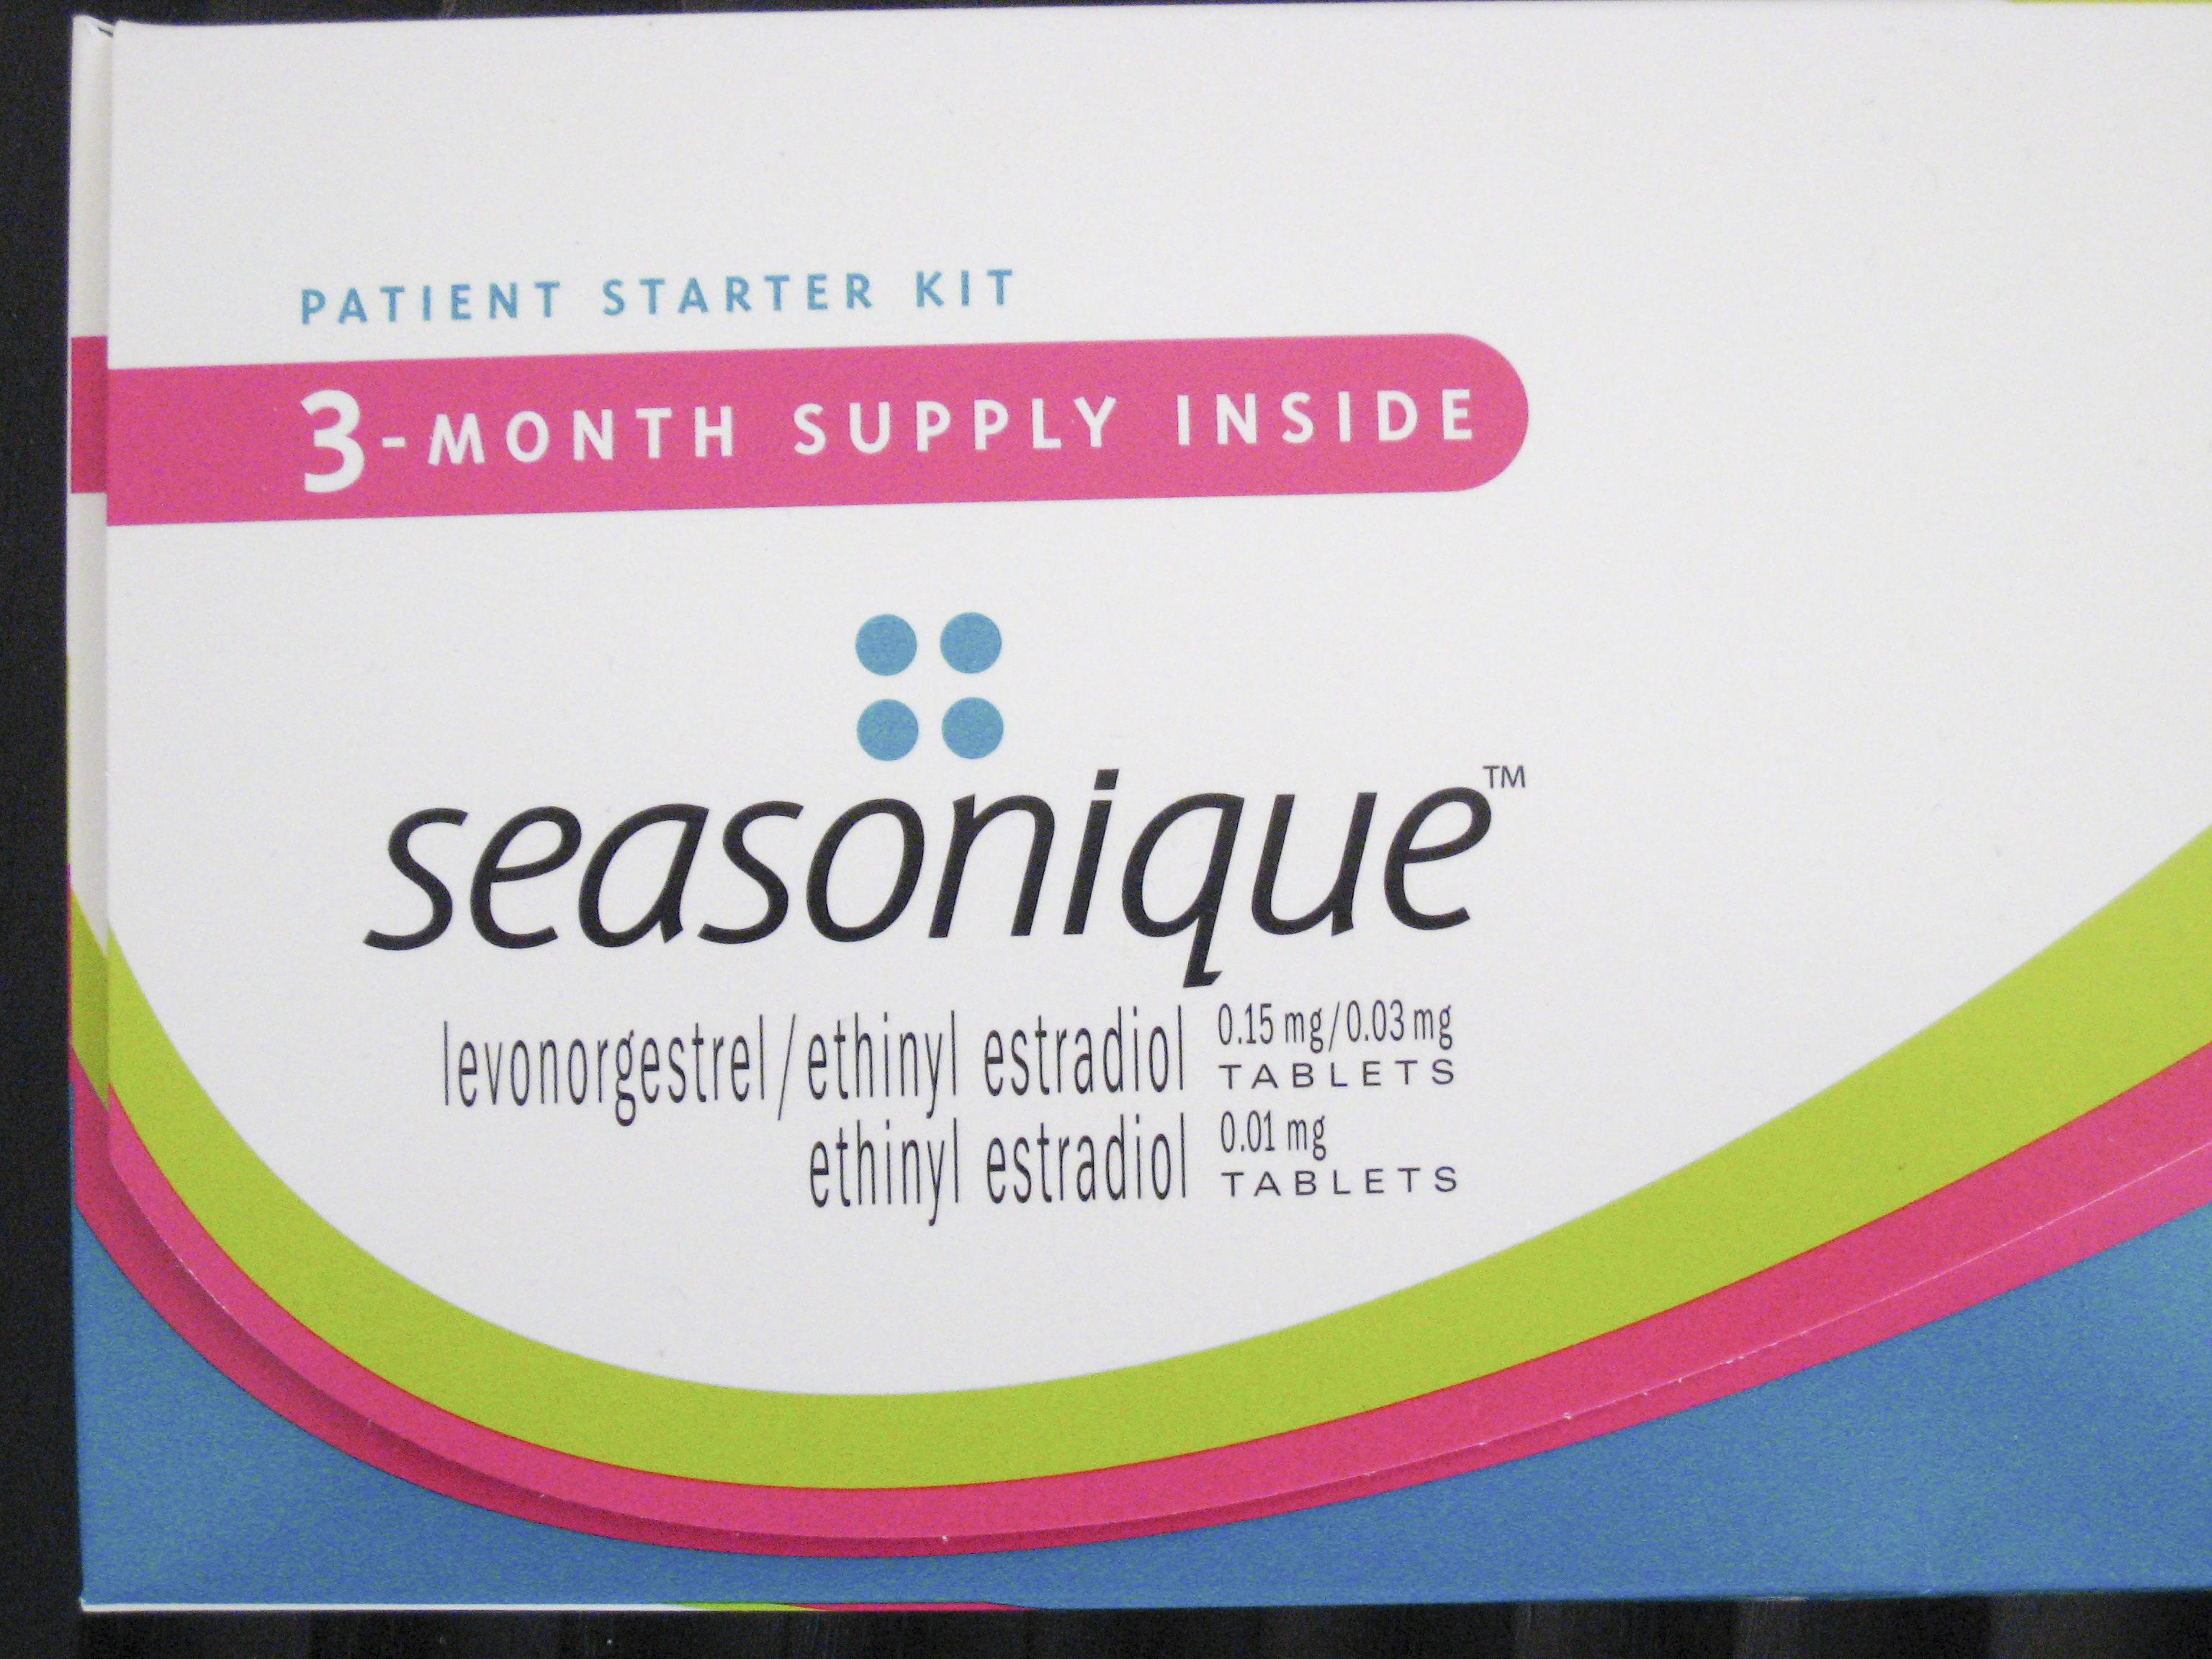 四季避孕藥 (Seasonique) – 認真的女人最美